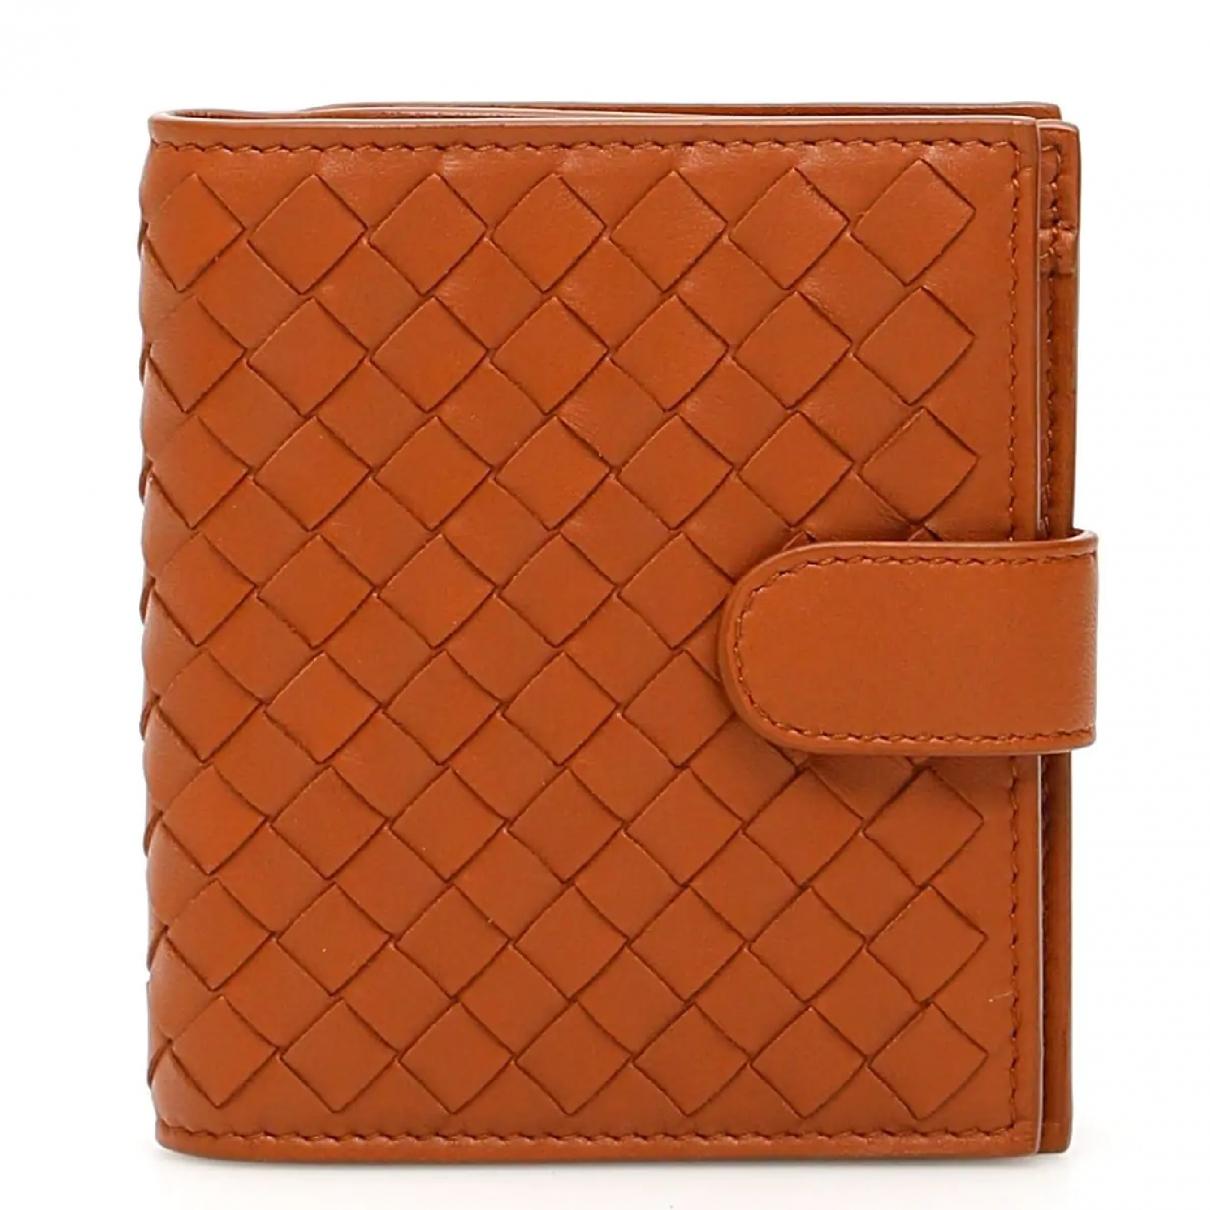 Bottega Veneta \N Portemonnaie in  Orange Leder